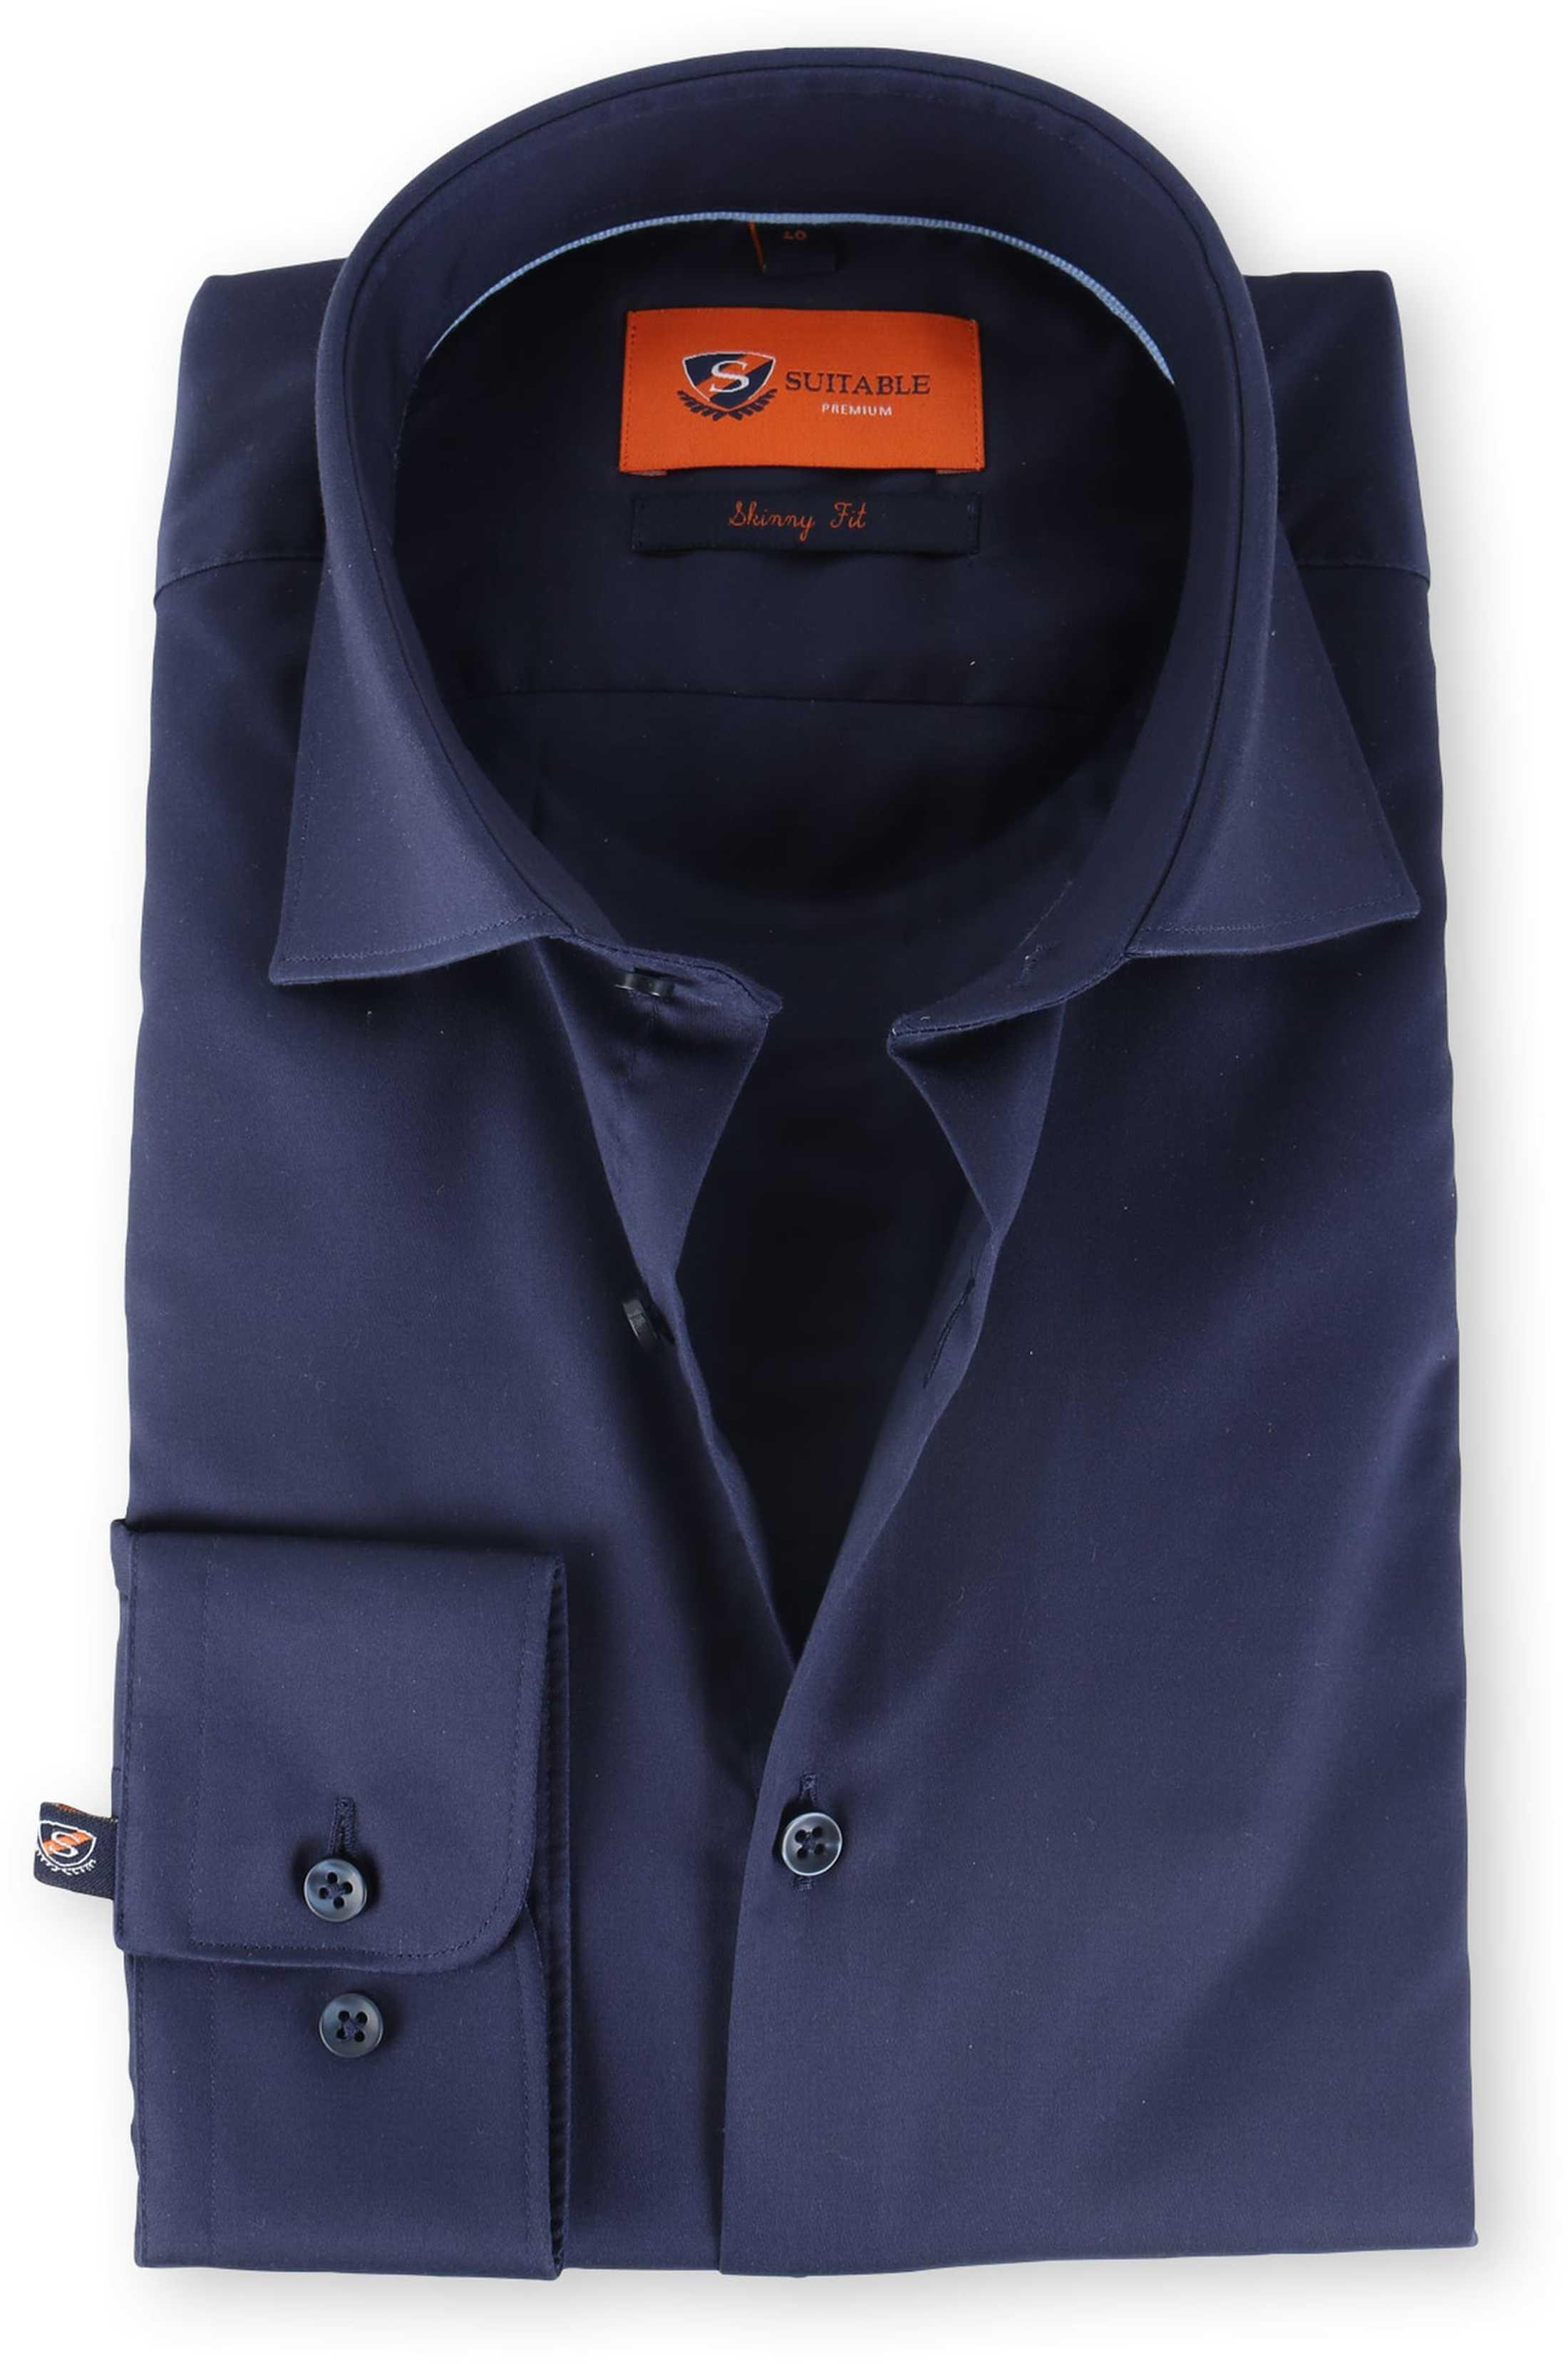 Skinny Fit Overhemd.Skinny Fit Overhemd Donkerblauw 132 4 132 4 Satin Stretch Navy